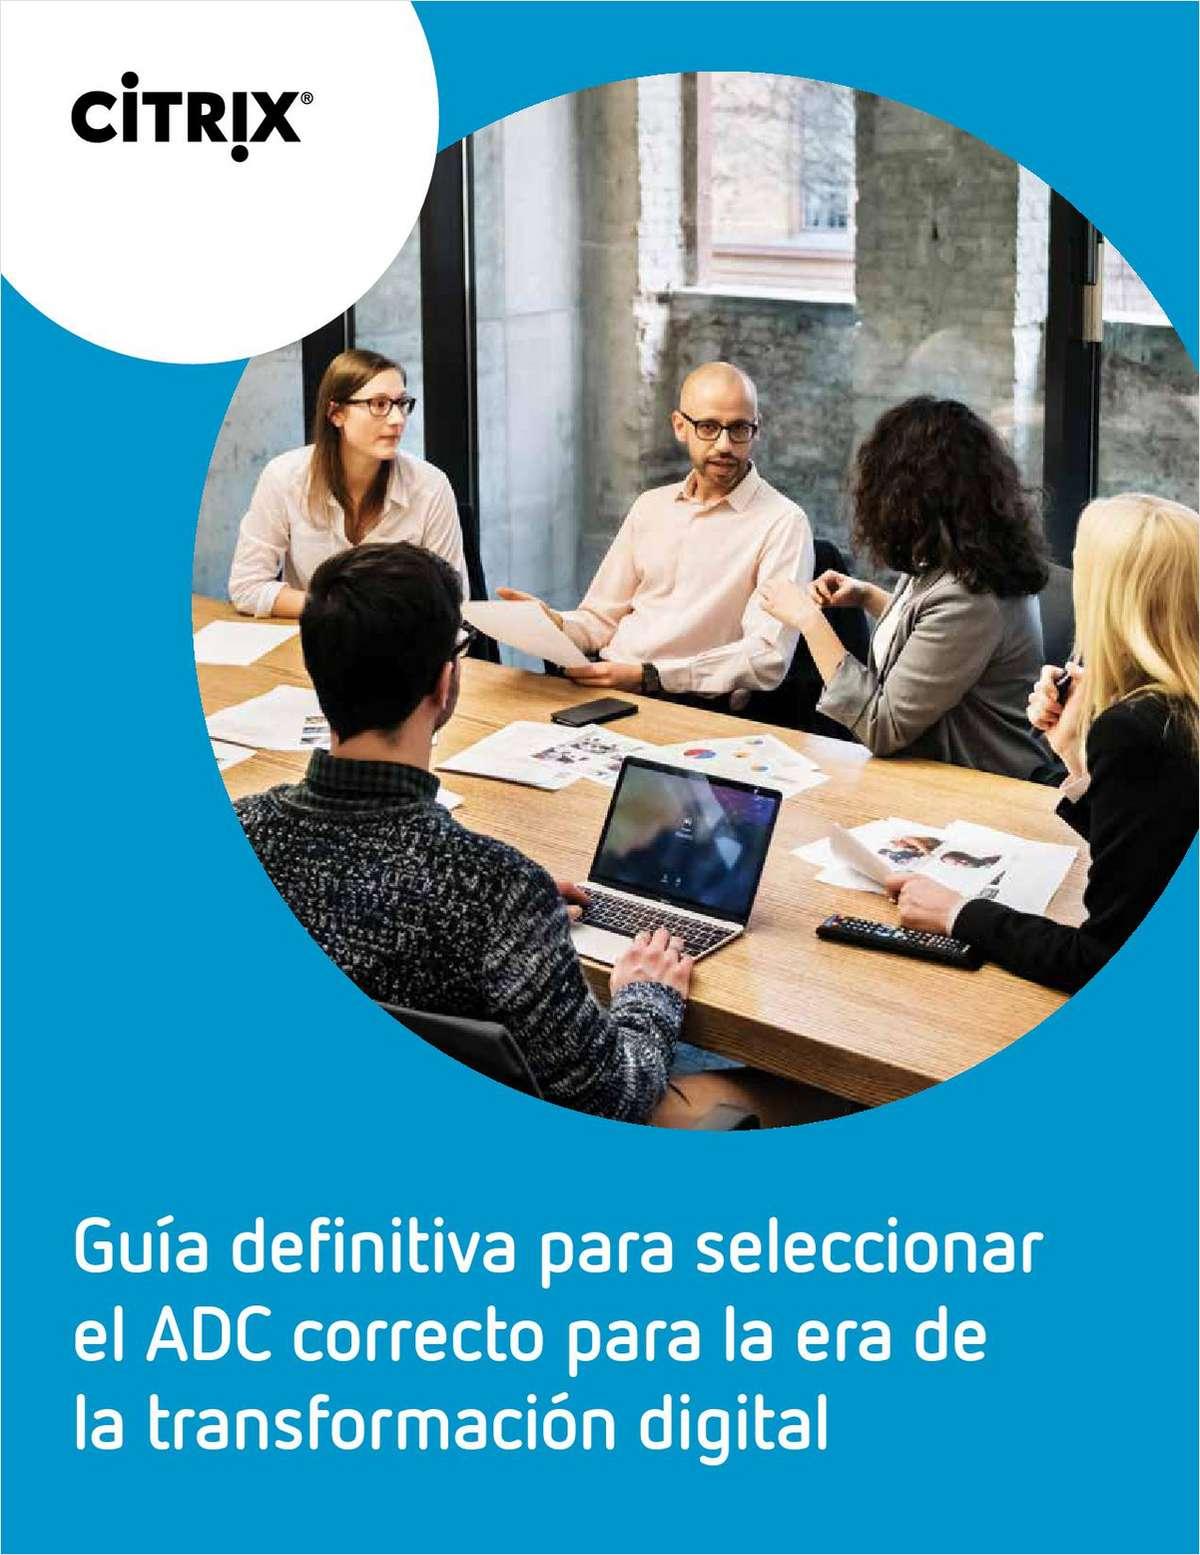 La guía decisiva para elegir el ADC adecuado para la era de la transformación digital